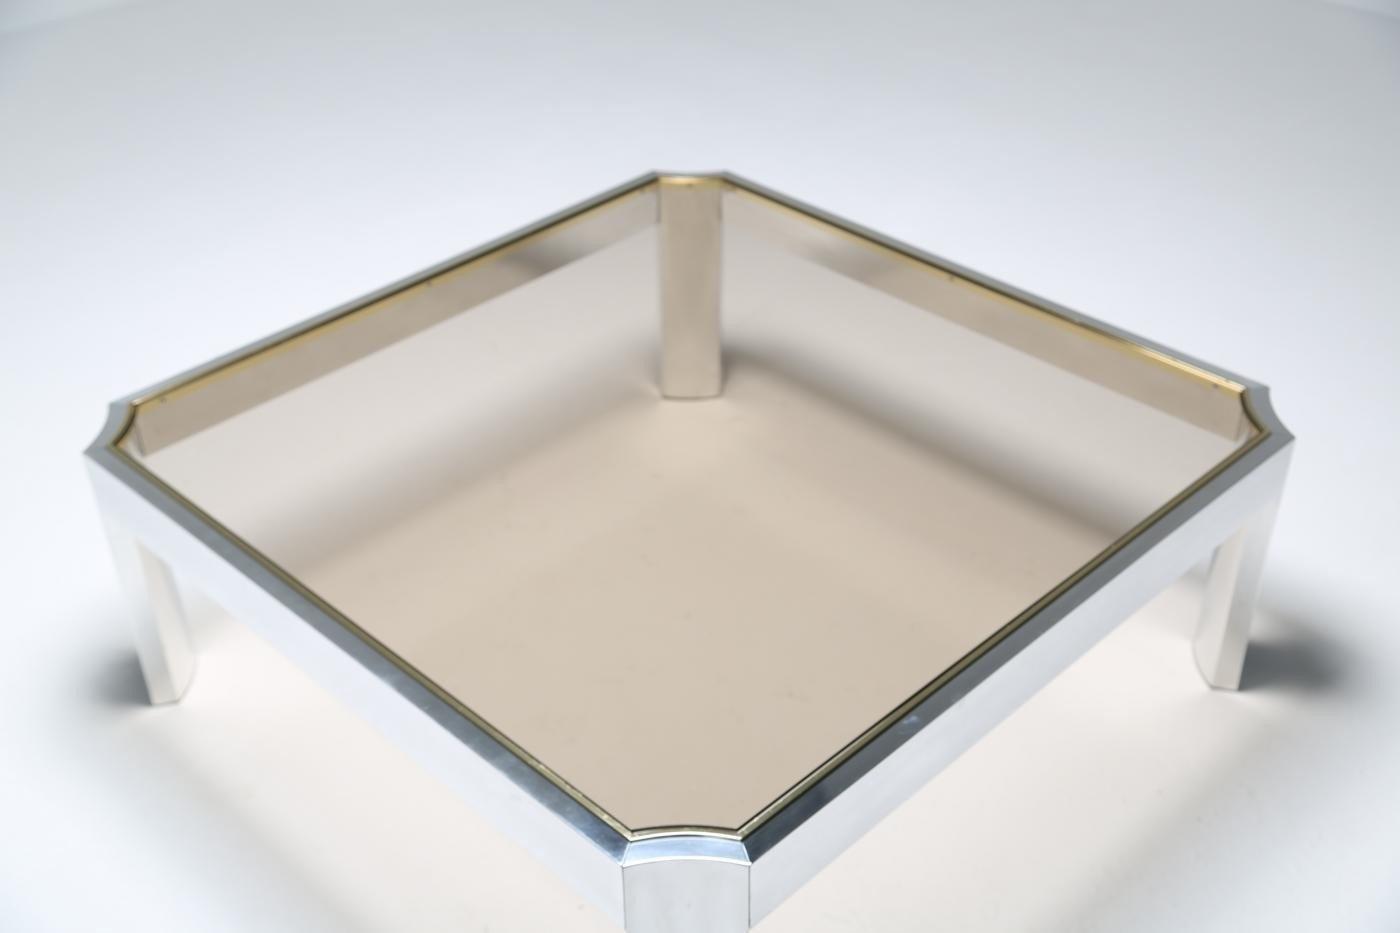 mid century couchtisch mit aluminium gestell bei pamono kaufen. Black Bedroom Furniture Sets. Home Design Ideas